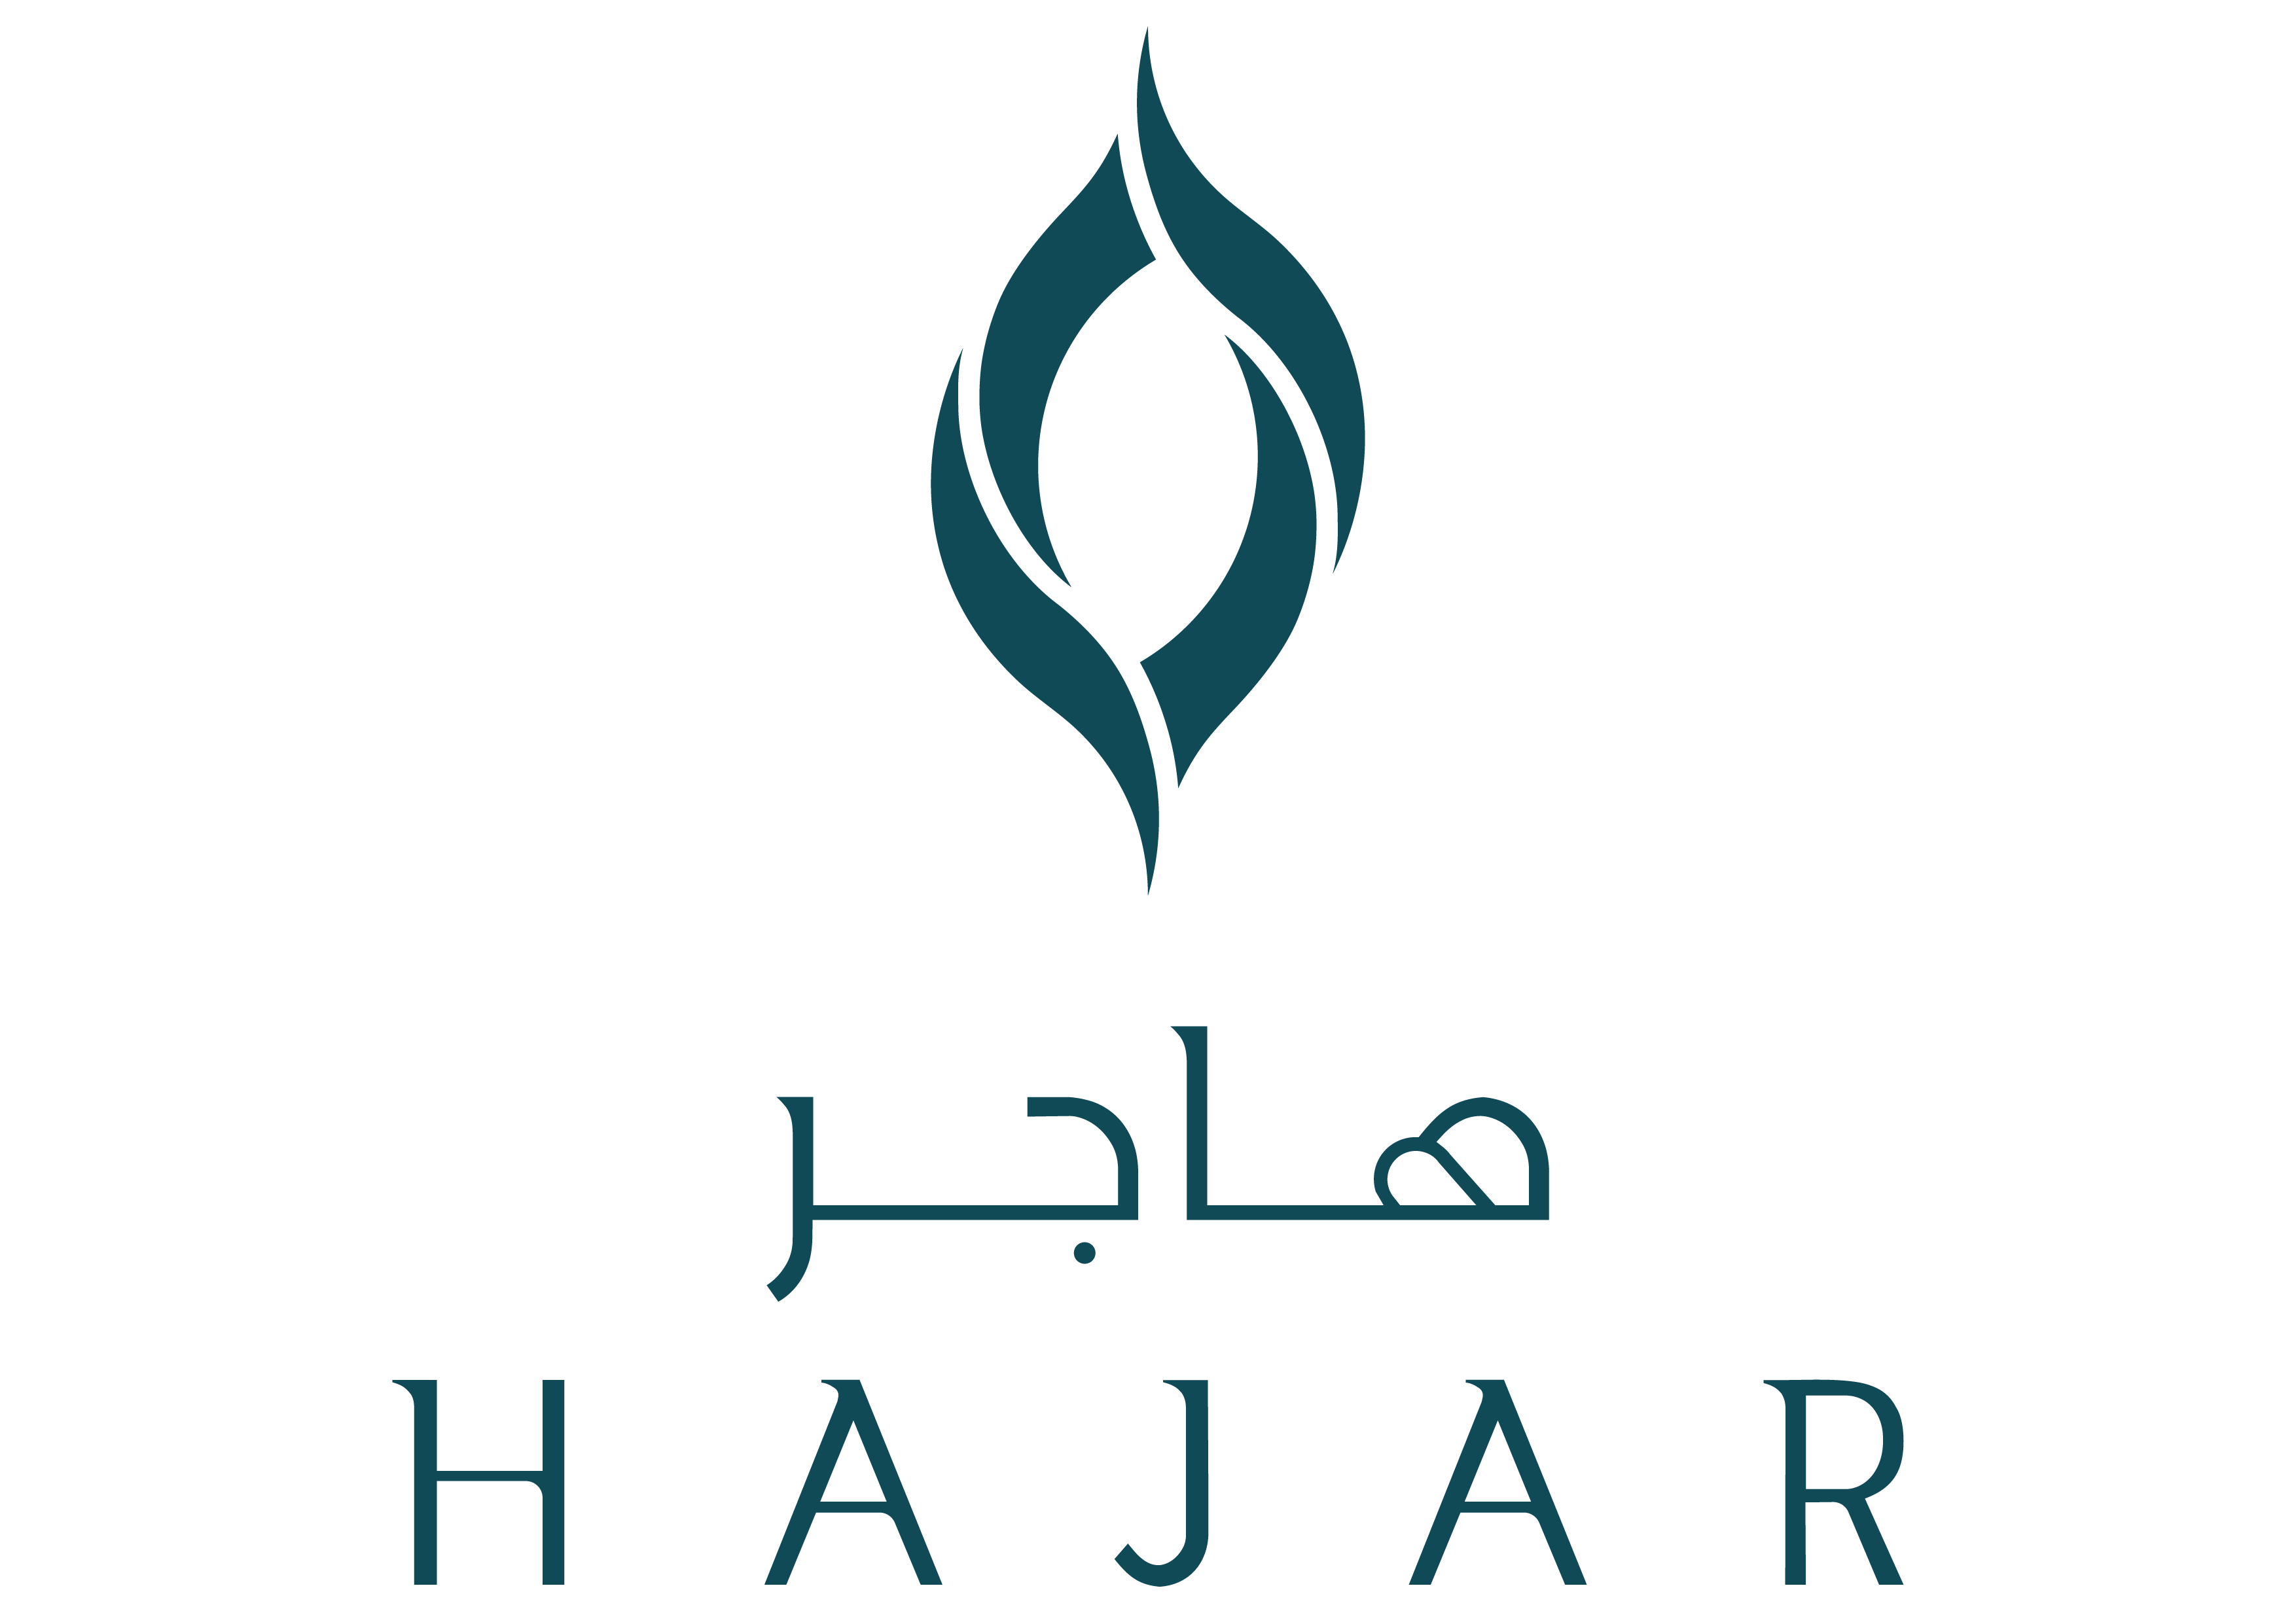 هاجر | Hajar